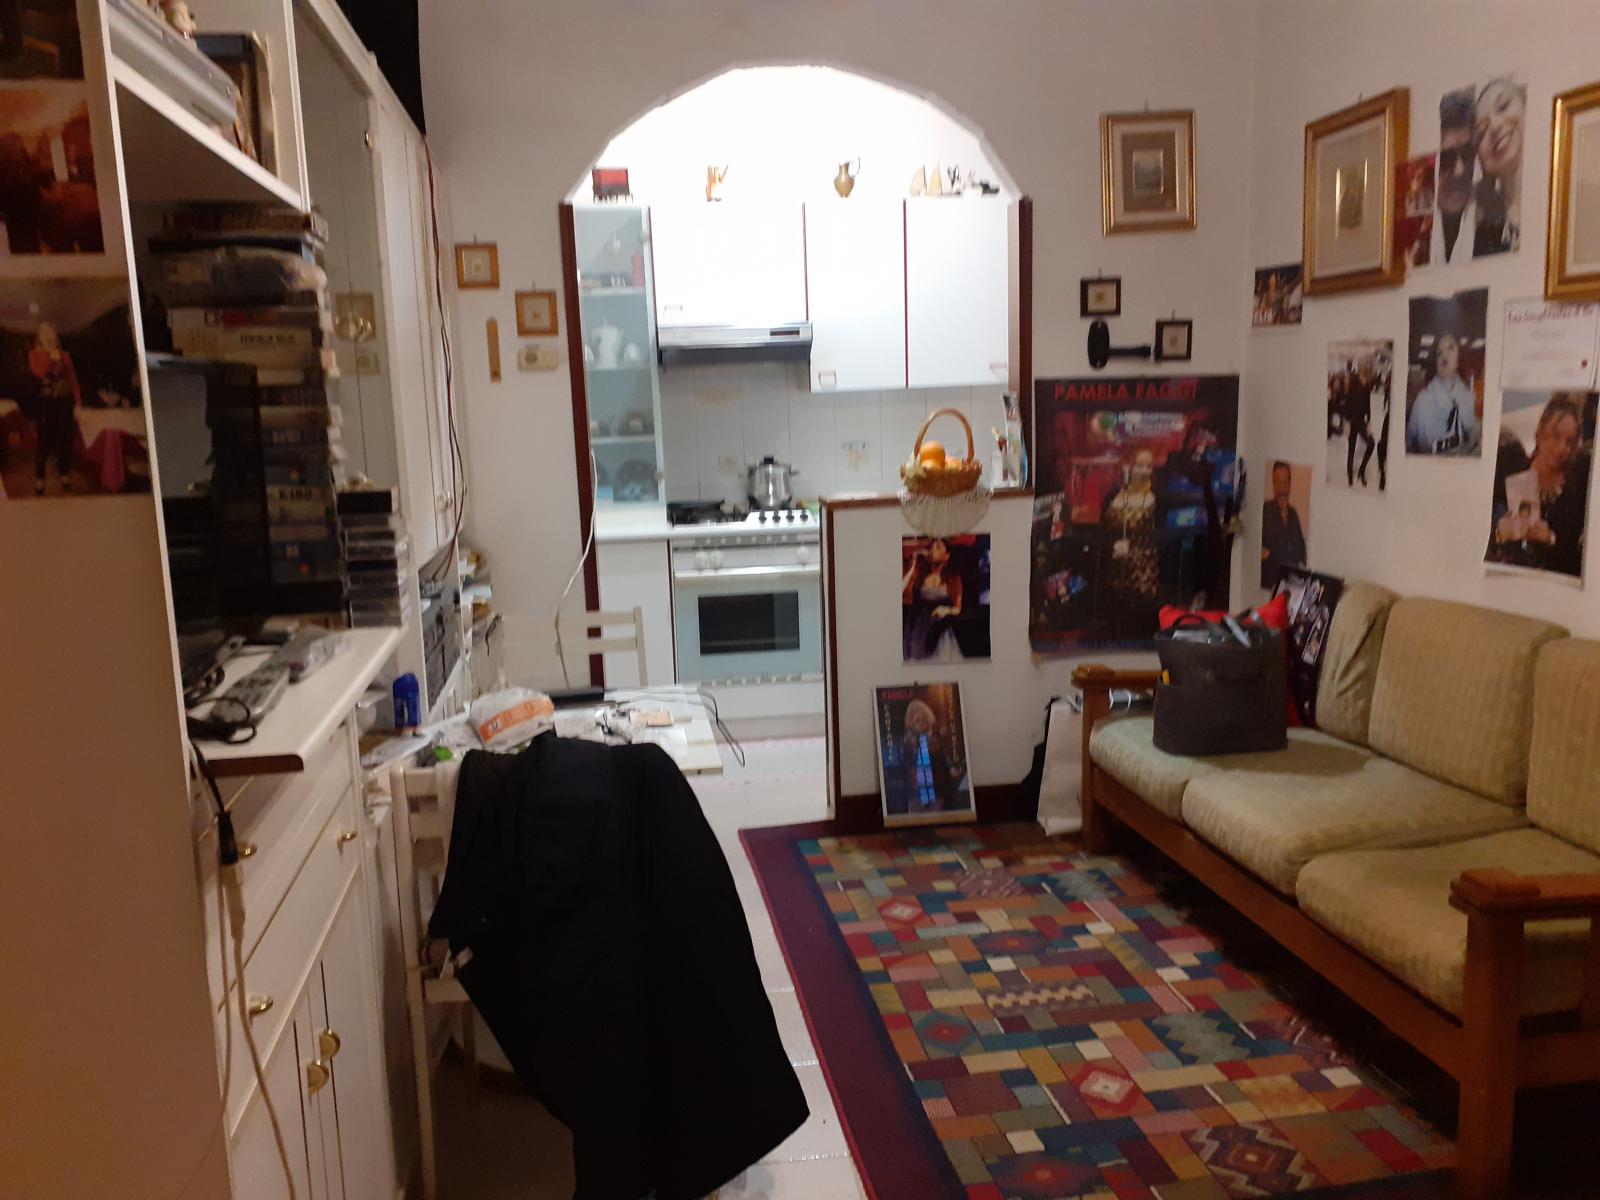 appartamento-in-vendita-a-baggio-milano-2-locali-bilocale-spaziourbano-immobiliare-vende-10